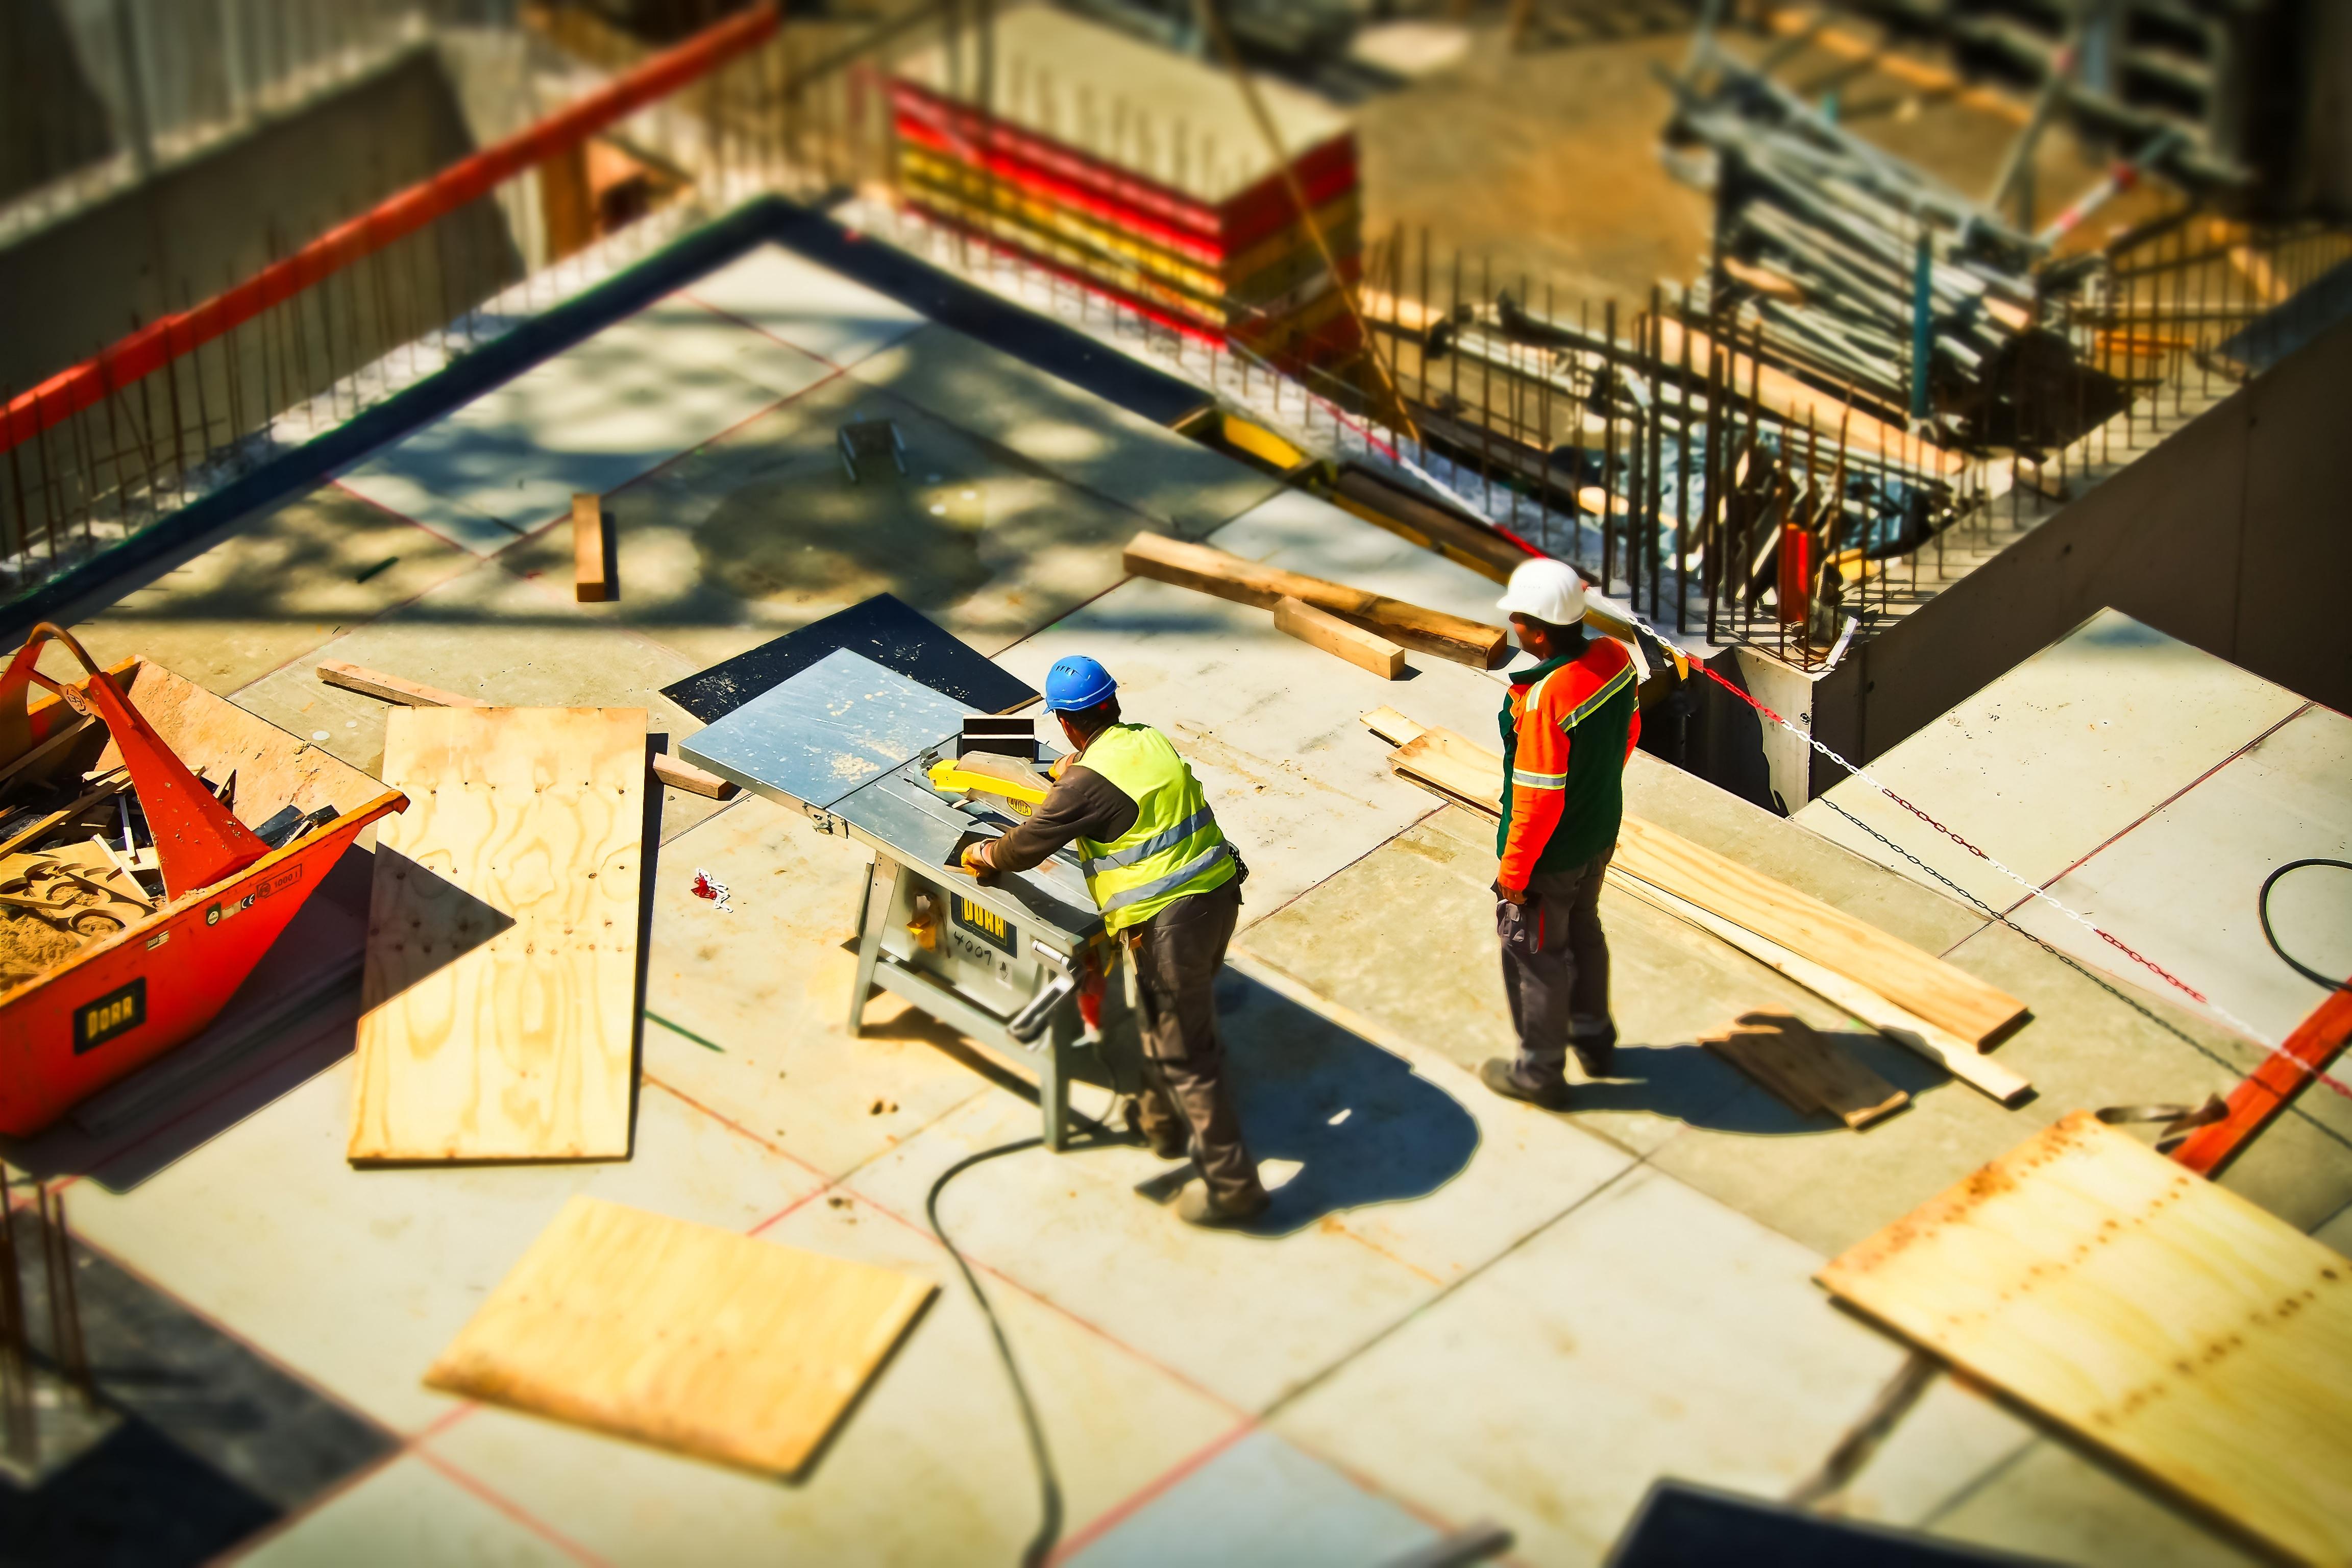 """Gilles Imbert directeur général d'Interconstruction : """"l'utilisation de la main d'œuvre détachée et de la sous-traitance doit faire l'objet d'un contrôle accru de la part des promoteurs immobiliers"""""""